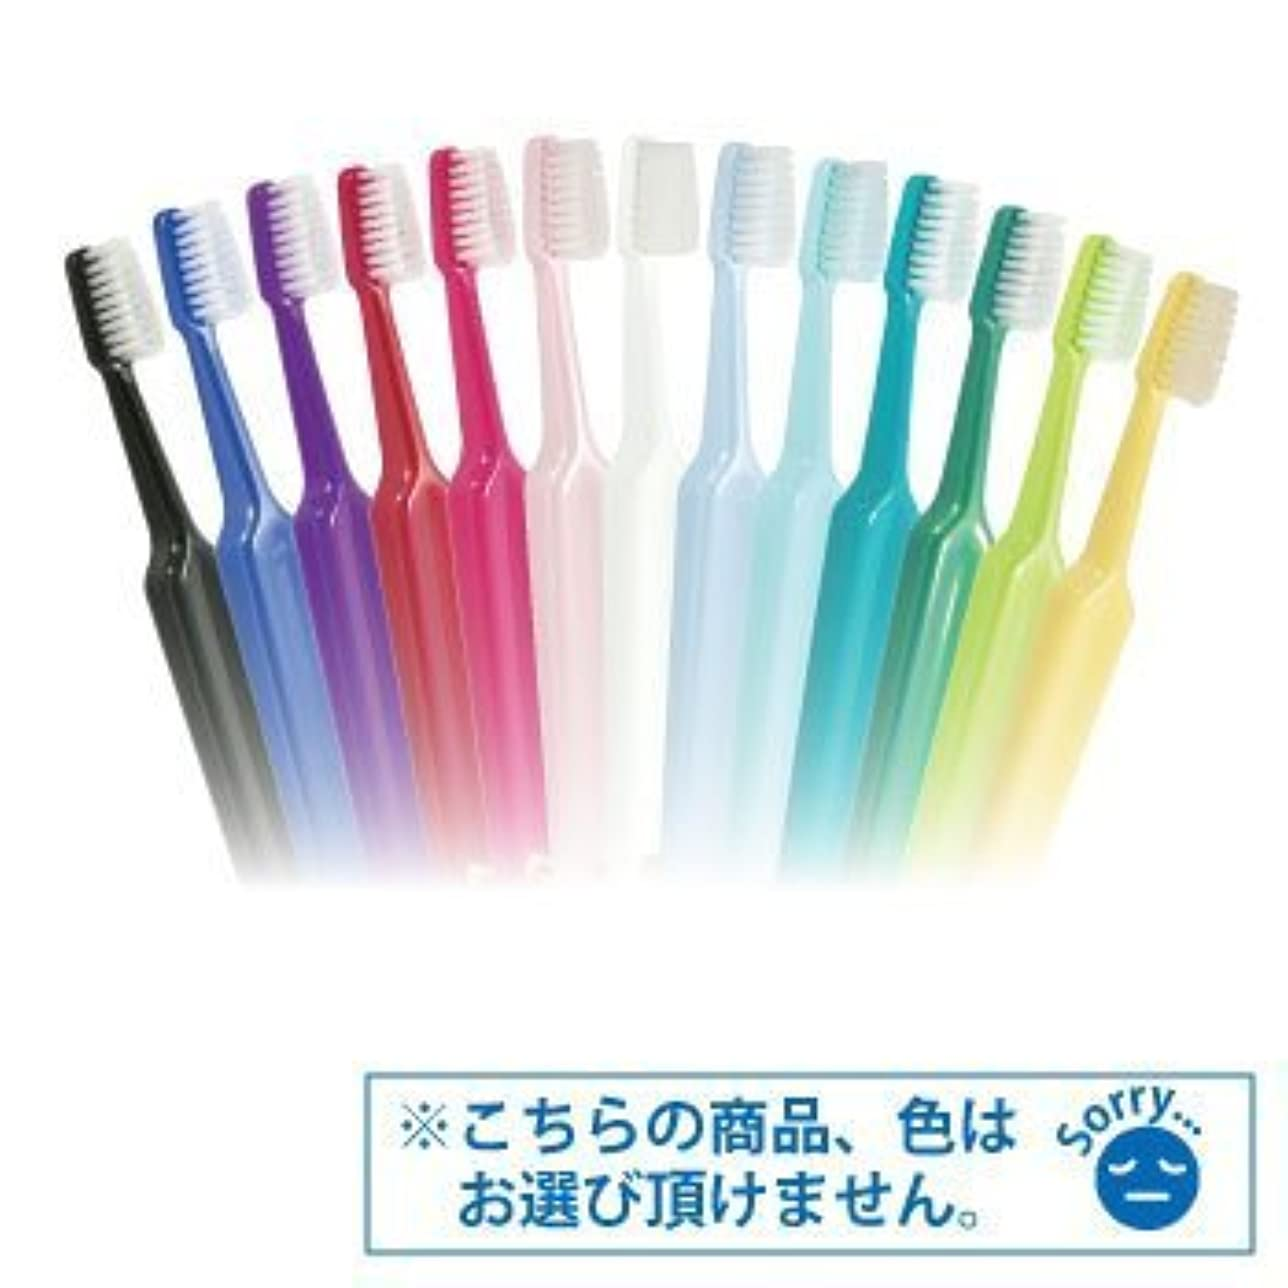 先視力撤回するTepe歯ブラシ セレクトコンパクト /ソフト 20本入り